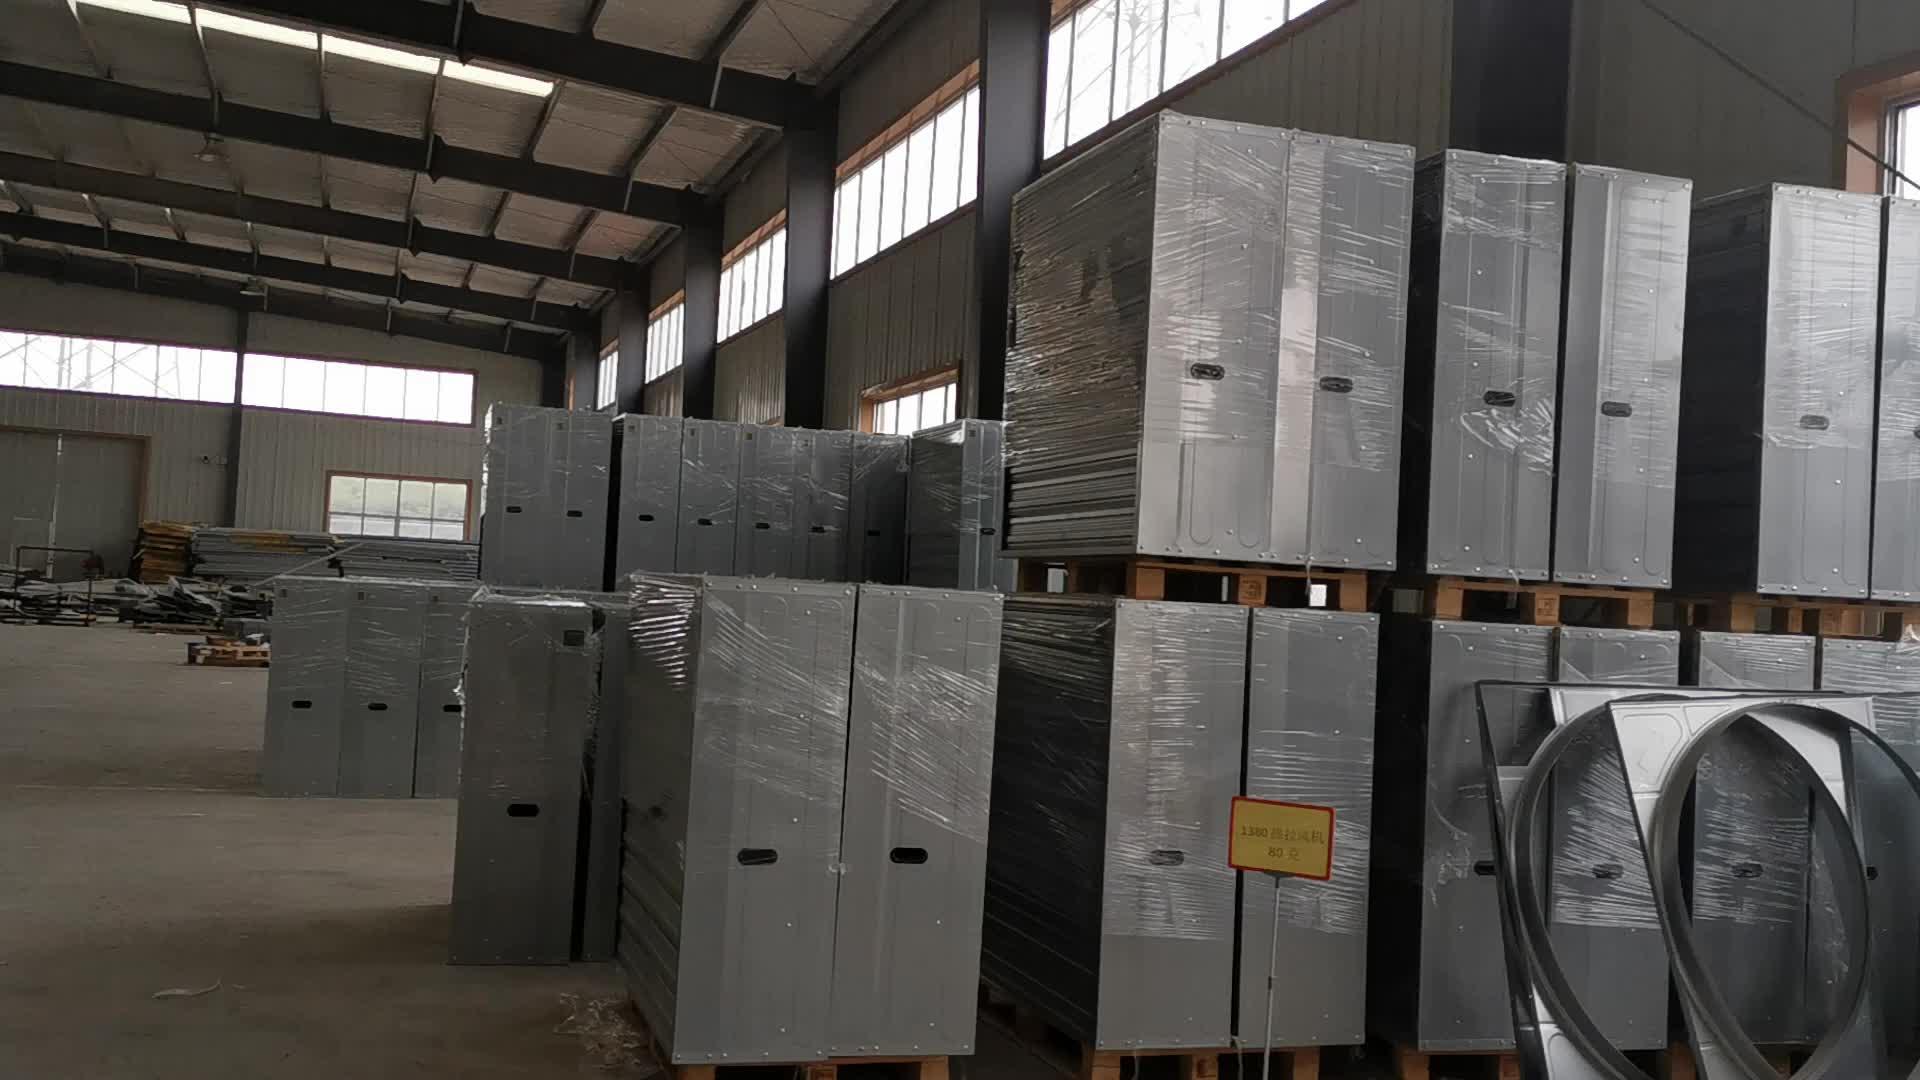 เรือนกระจกBlower Inติดตั้งประเภทCooling PadสำหรับAirระบายความร้อนและระบายอากาศ